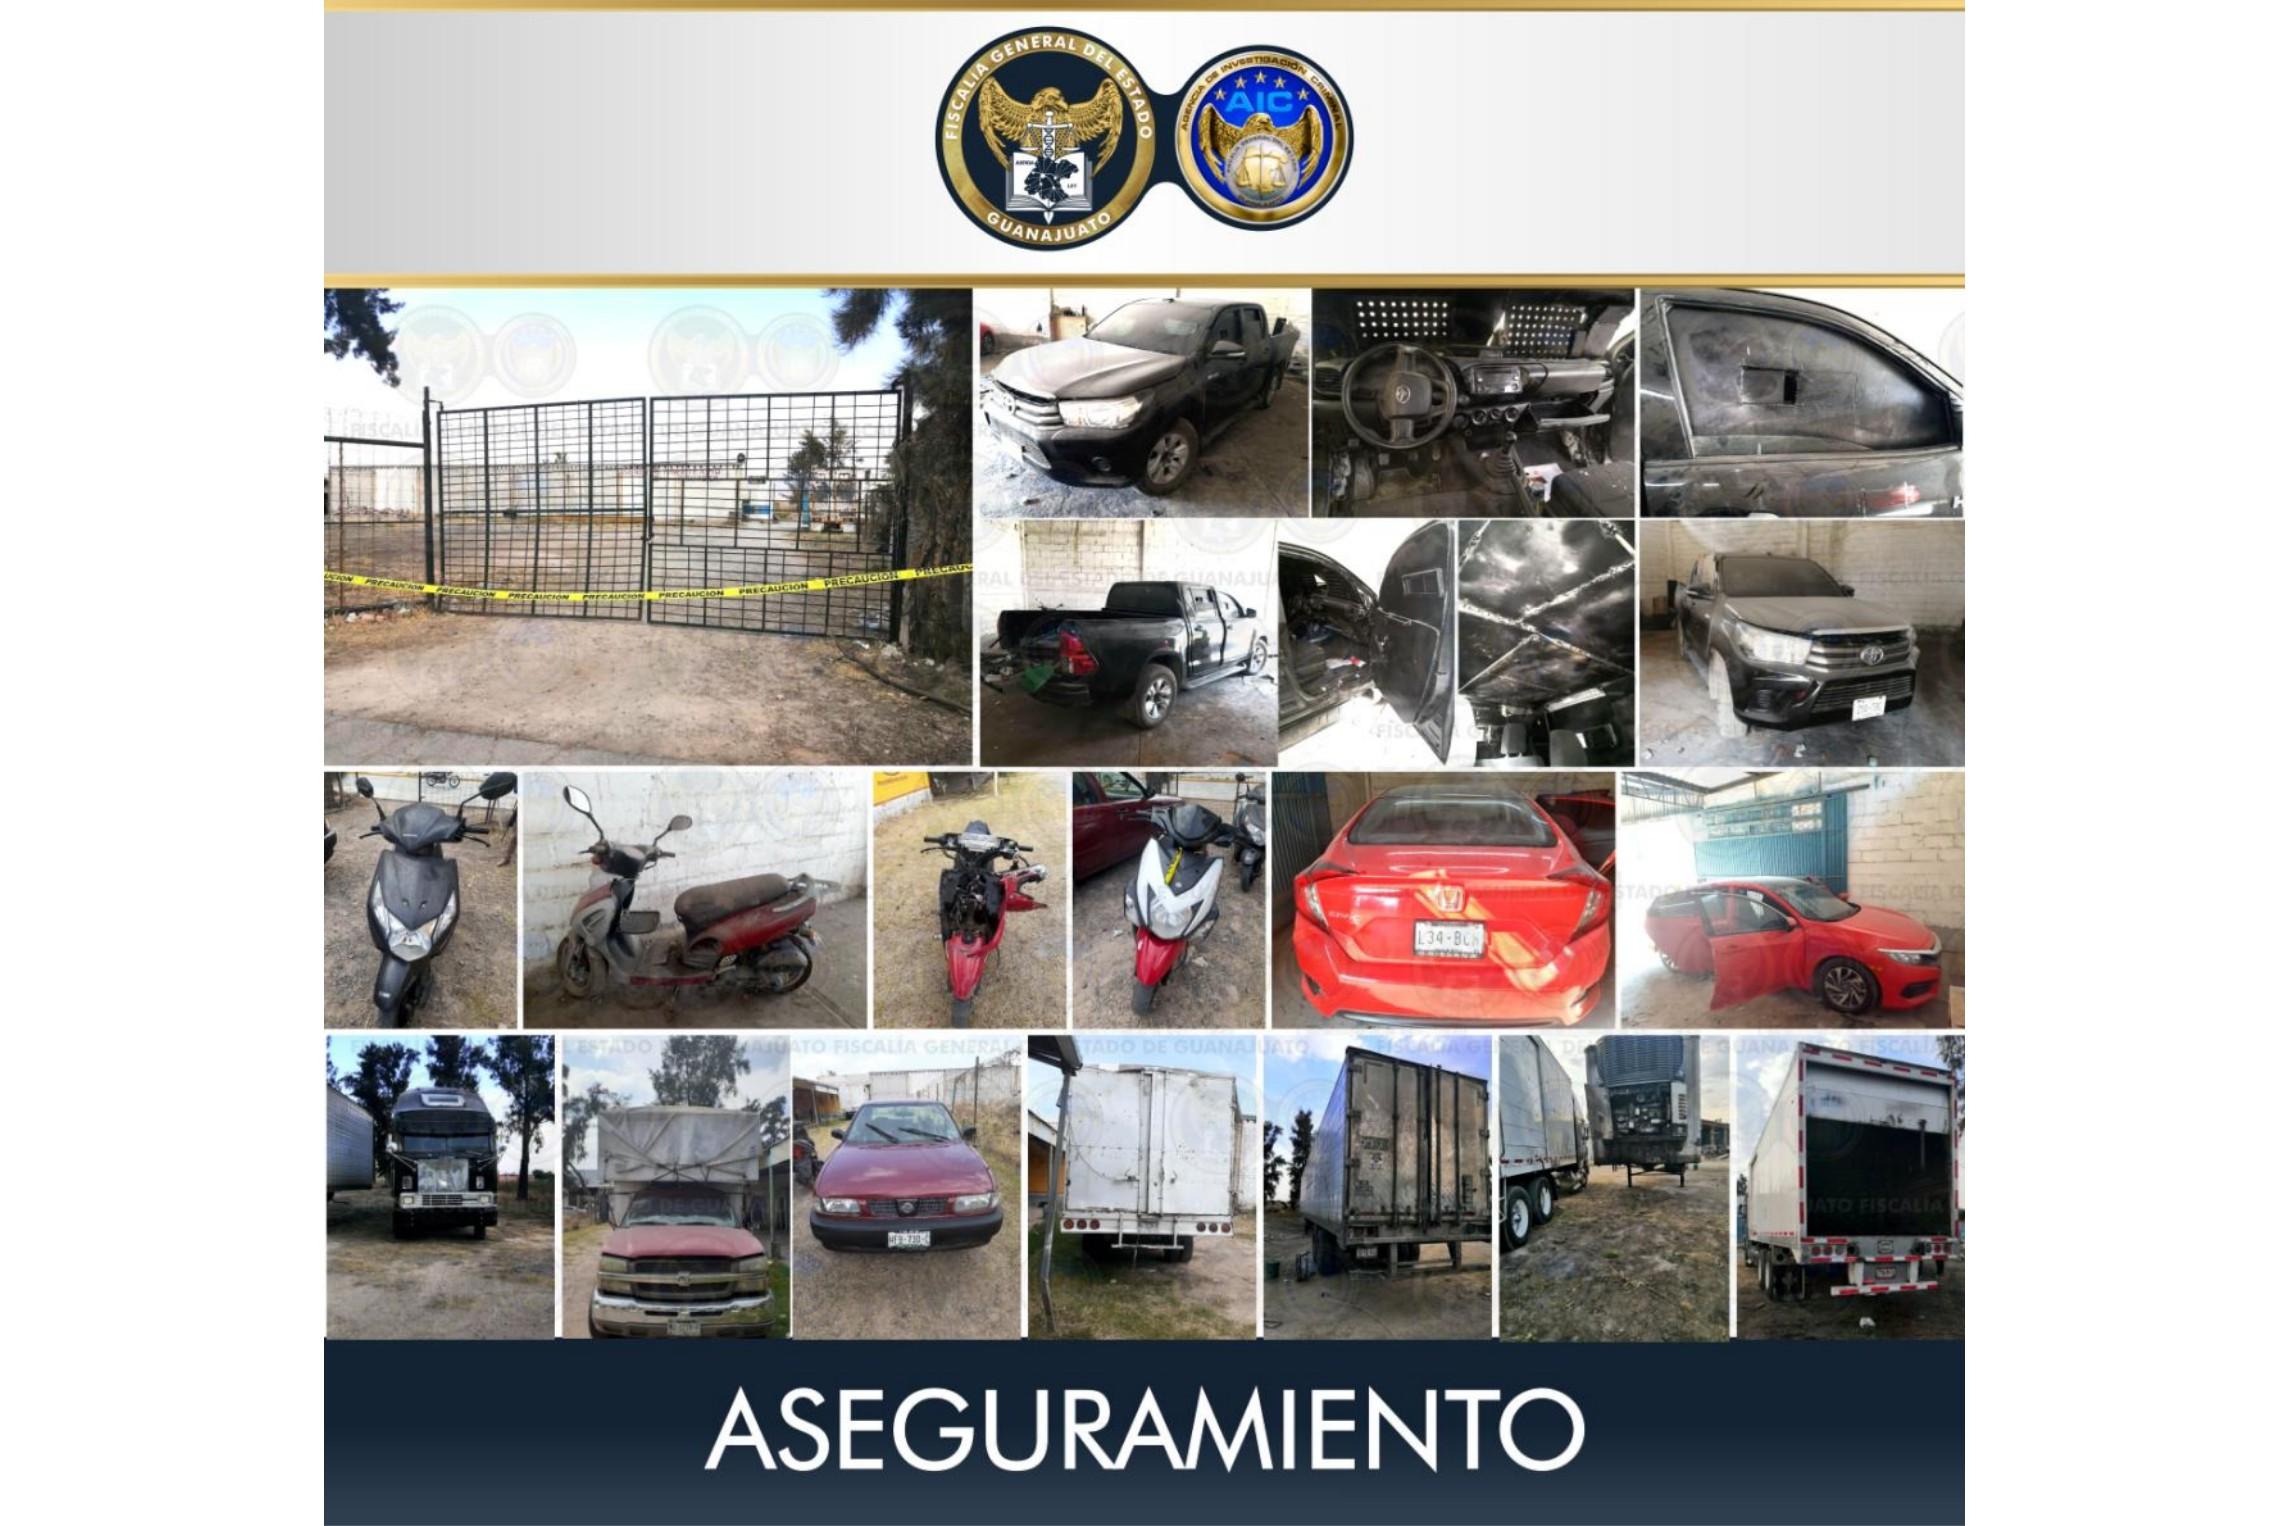 Asegura la FGE automotores con blindaje artesanal y con mercancía robada. 2